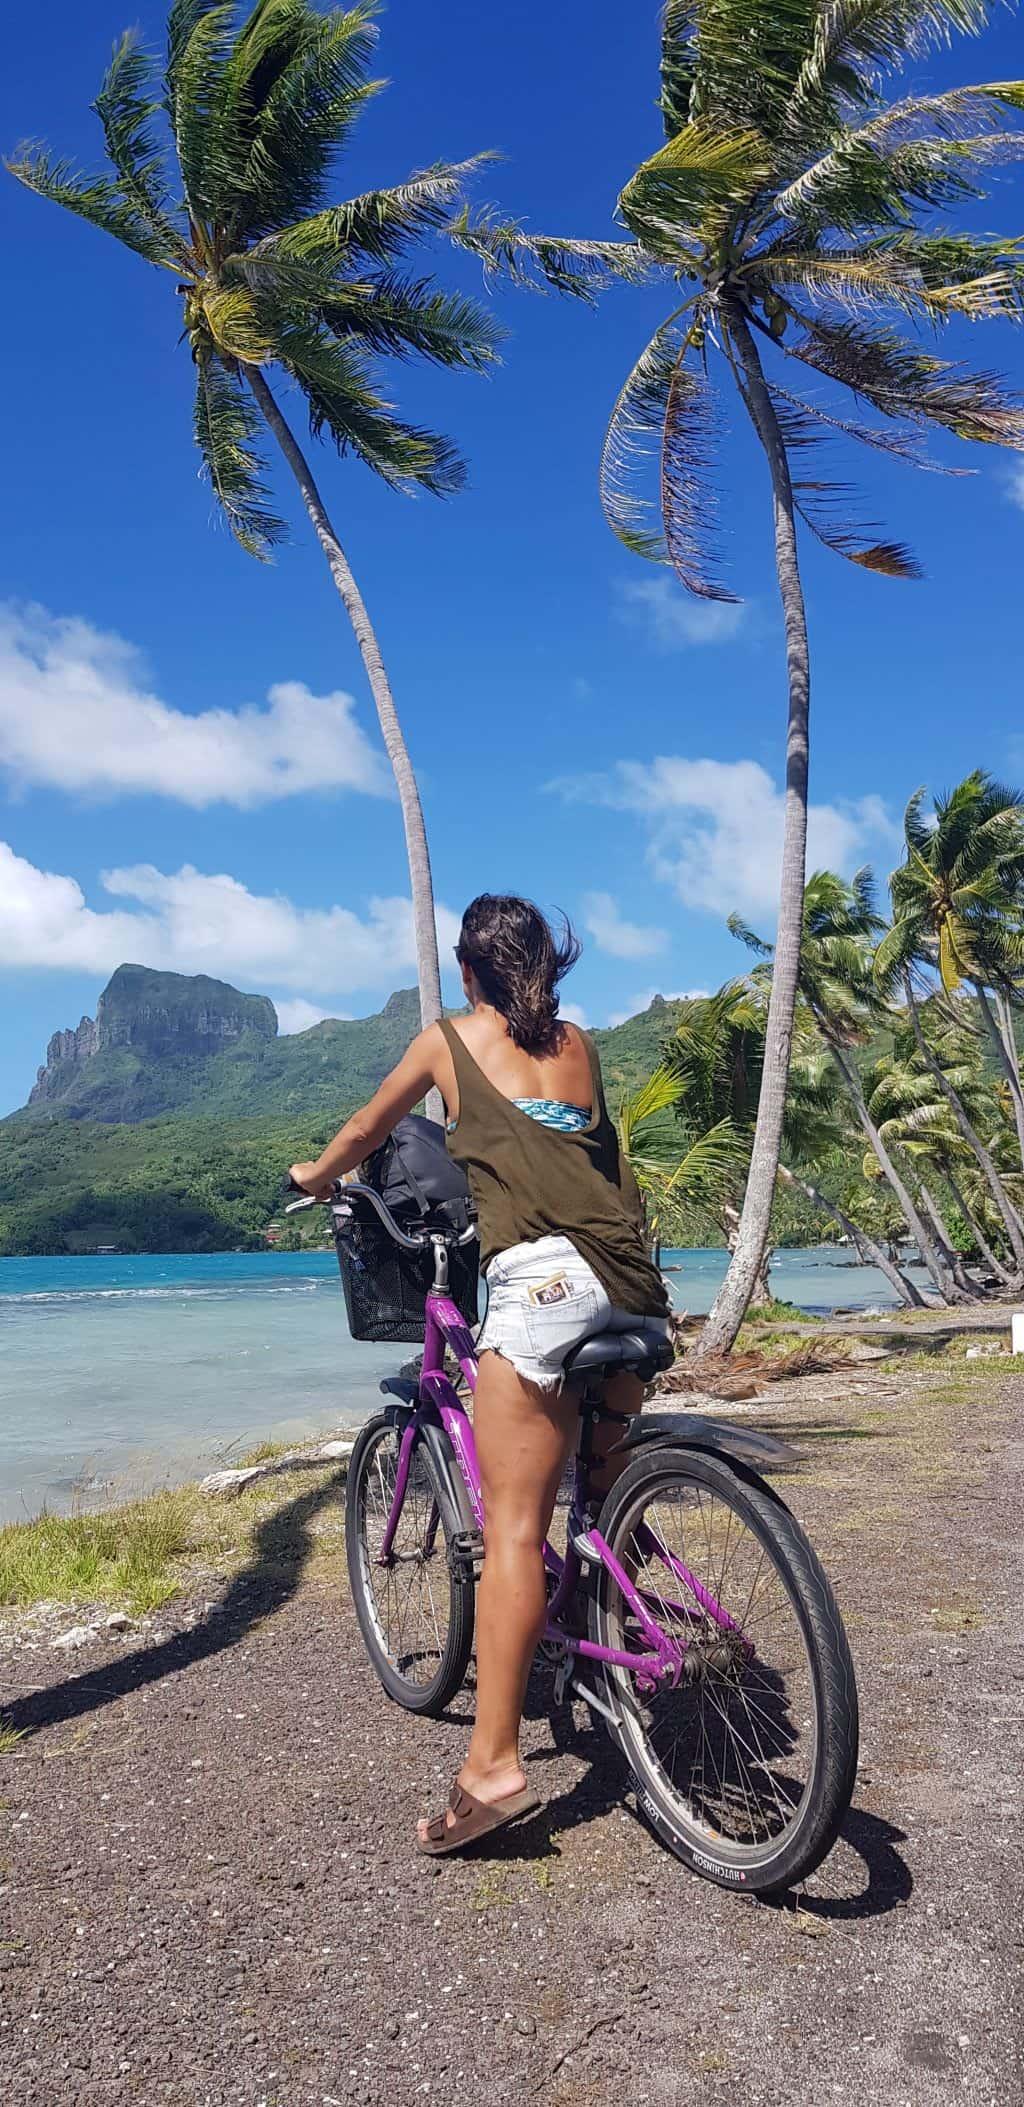 alquiler bici bora bora